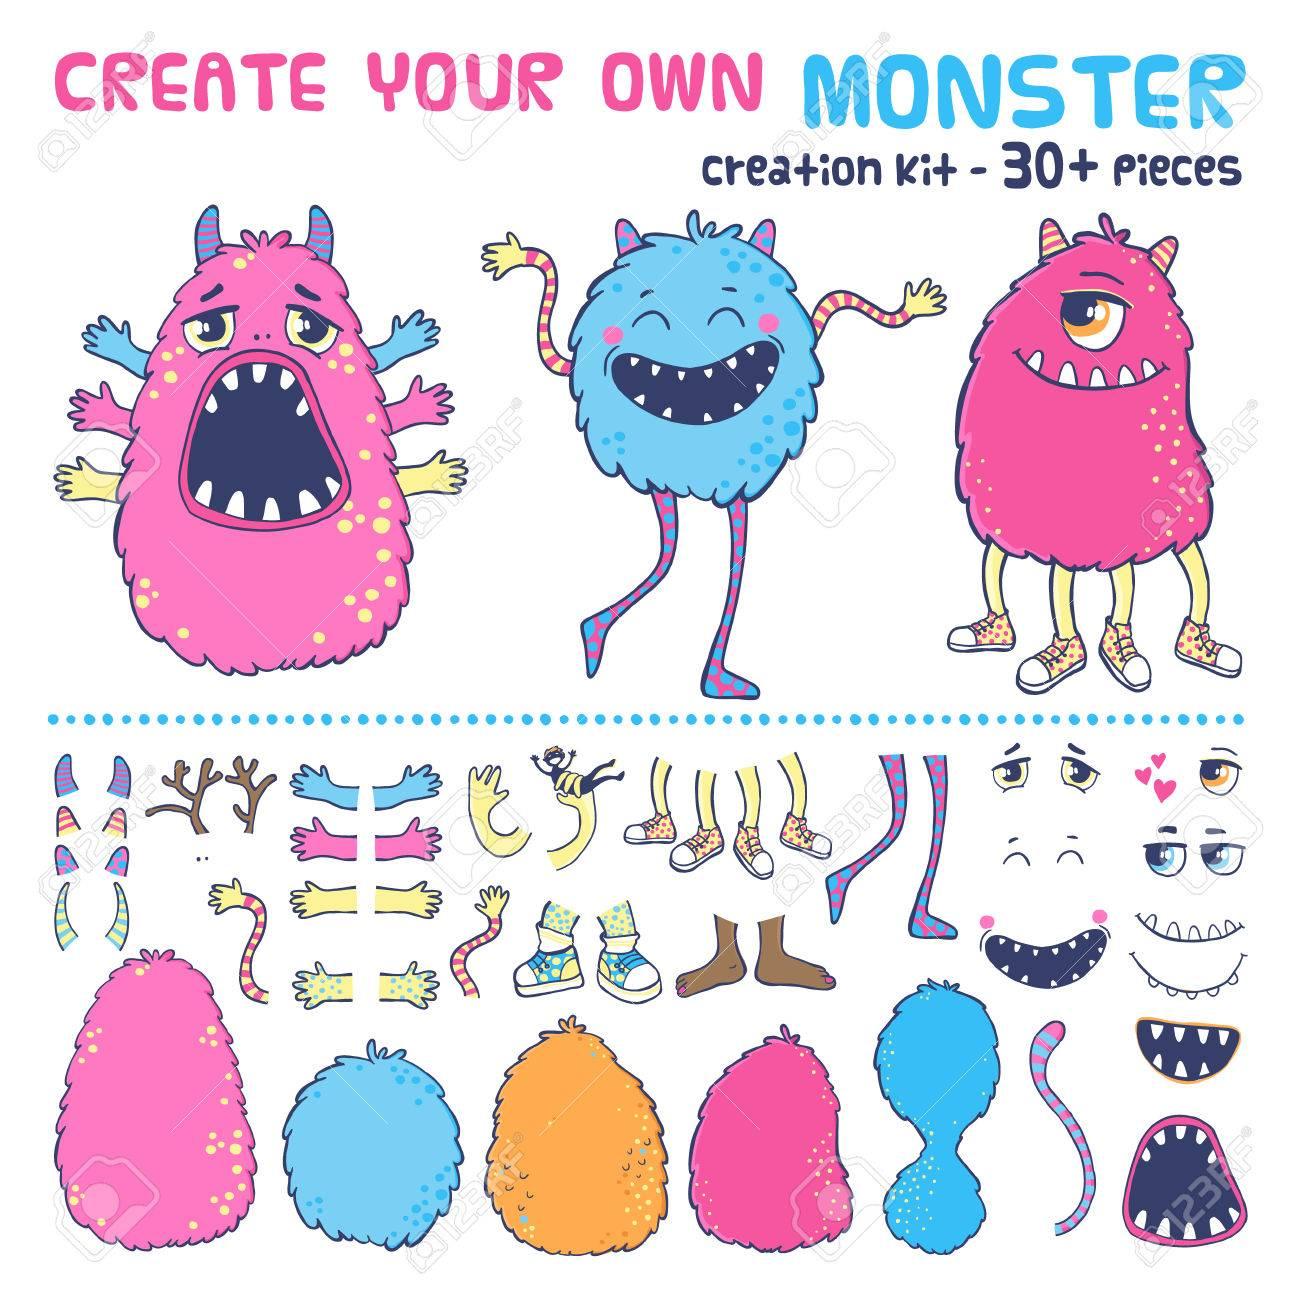 Monster creation kit. Create your own monster. - 49963669